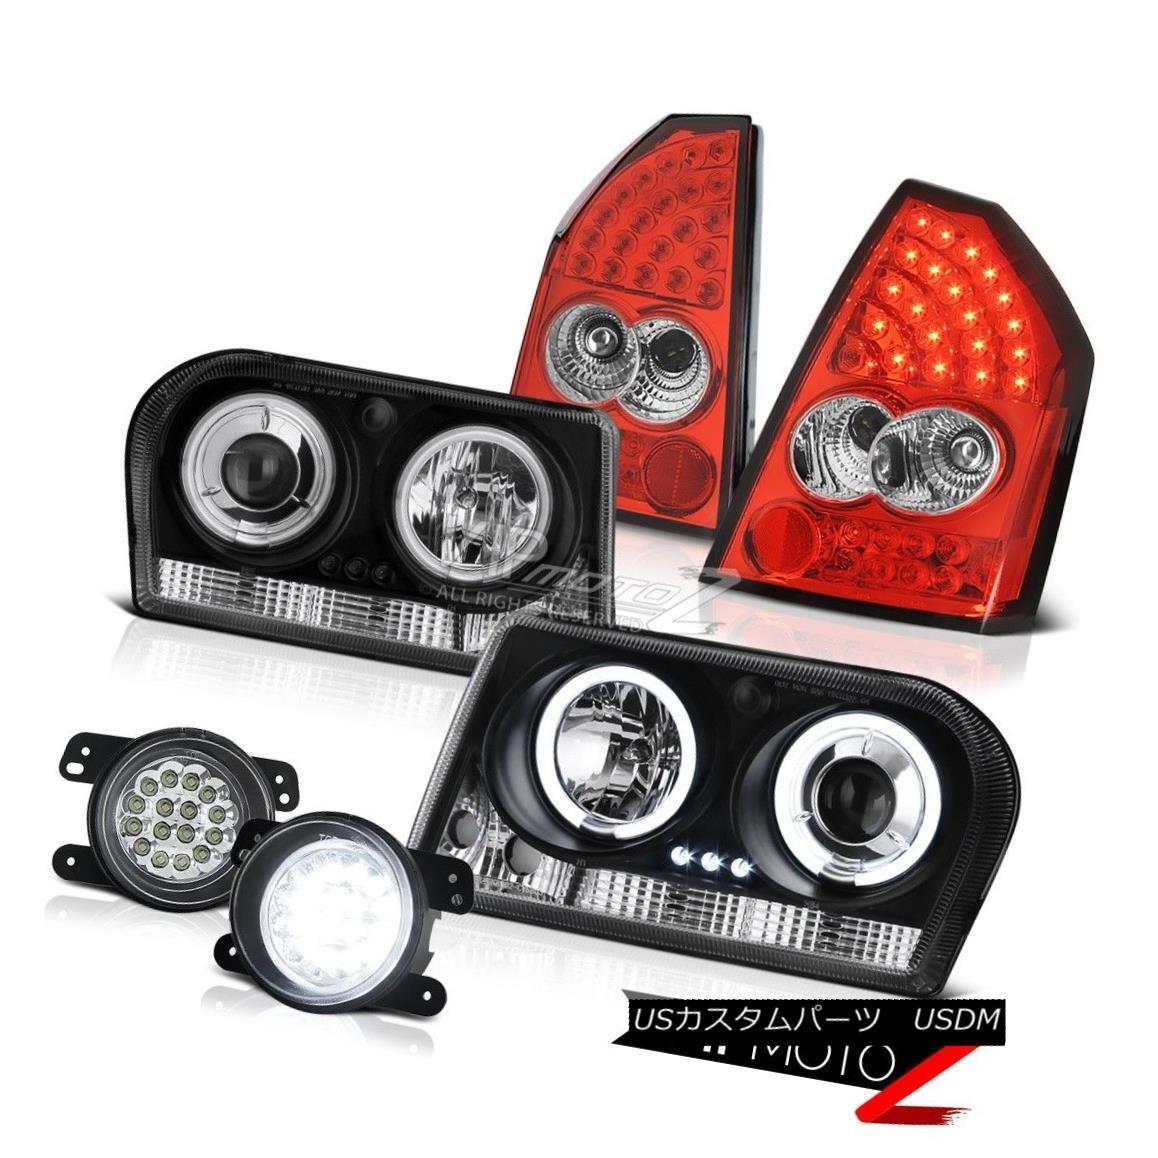 ヘッドライト 2005-2007 Chrysler 300 2.7L Halo Headlights LED Signal Tail Lights Surface Fog 2005-2007 Chrysler 300 2.7L HaloヘッドライトLEDシグナルテールライト表面フォグ